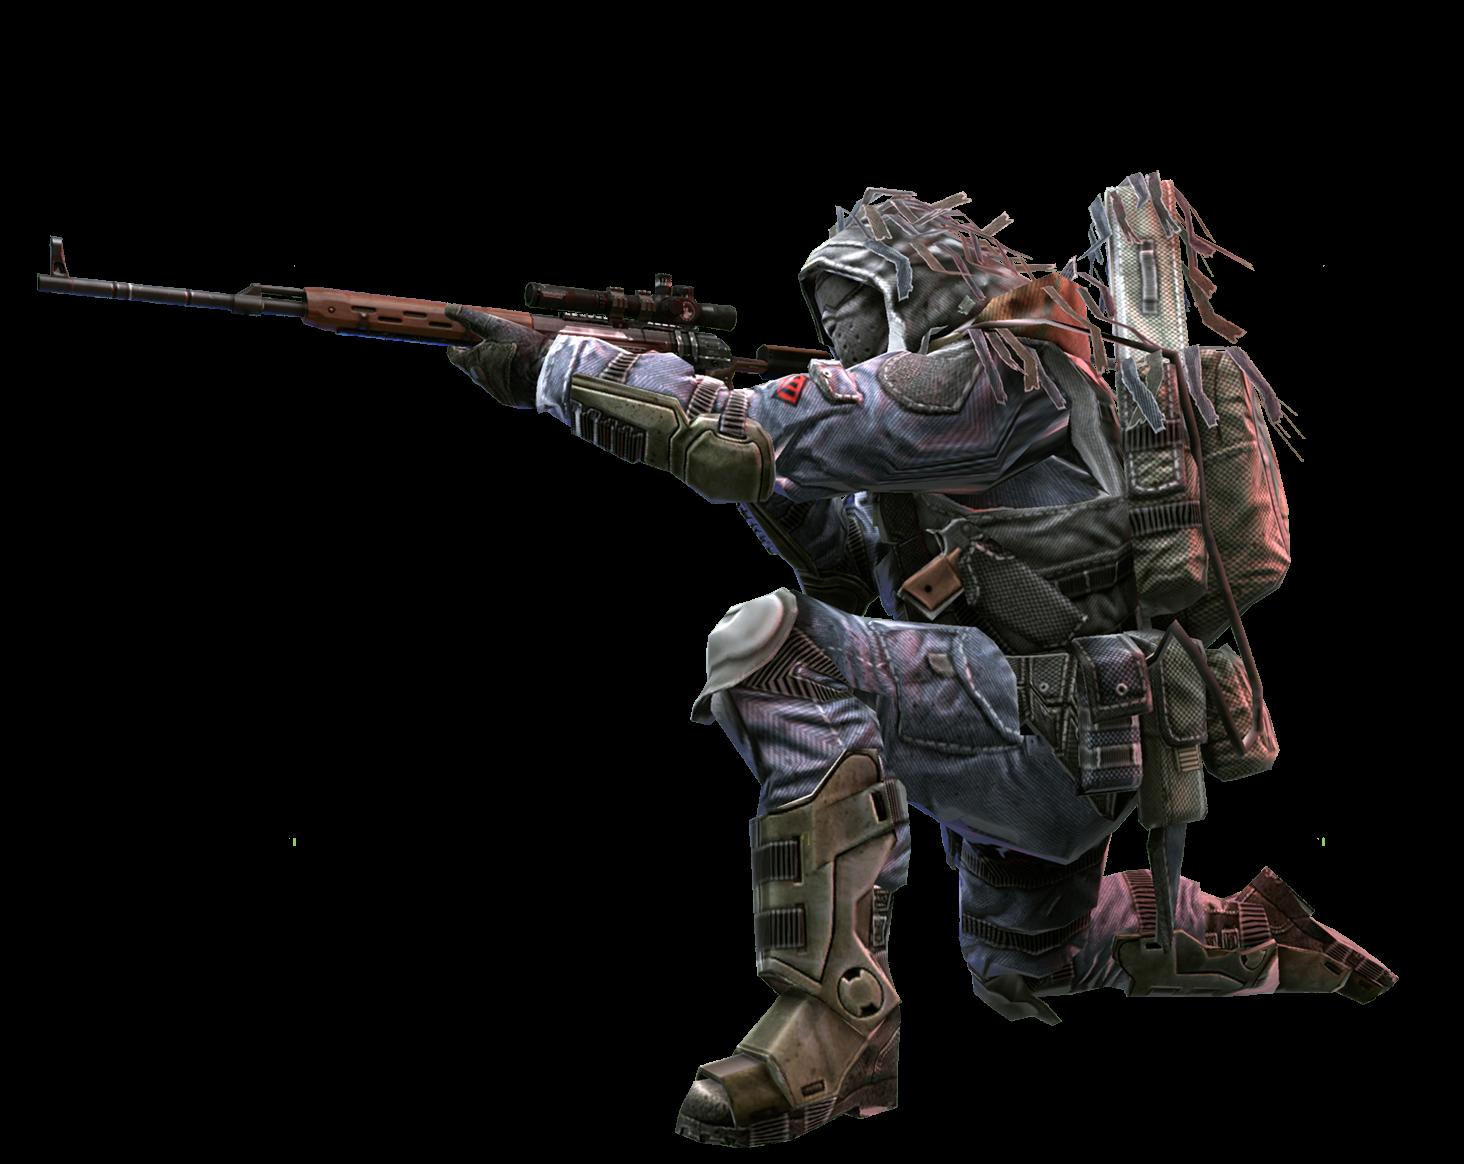 ballista sniper wallpaper